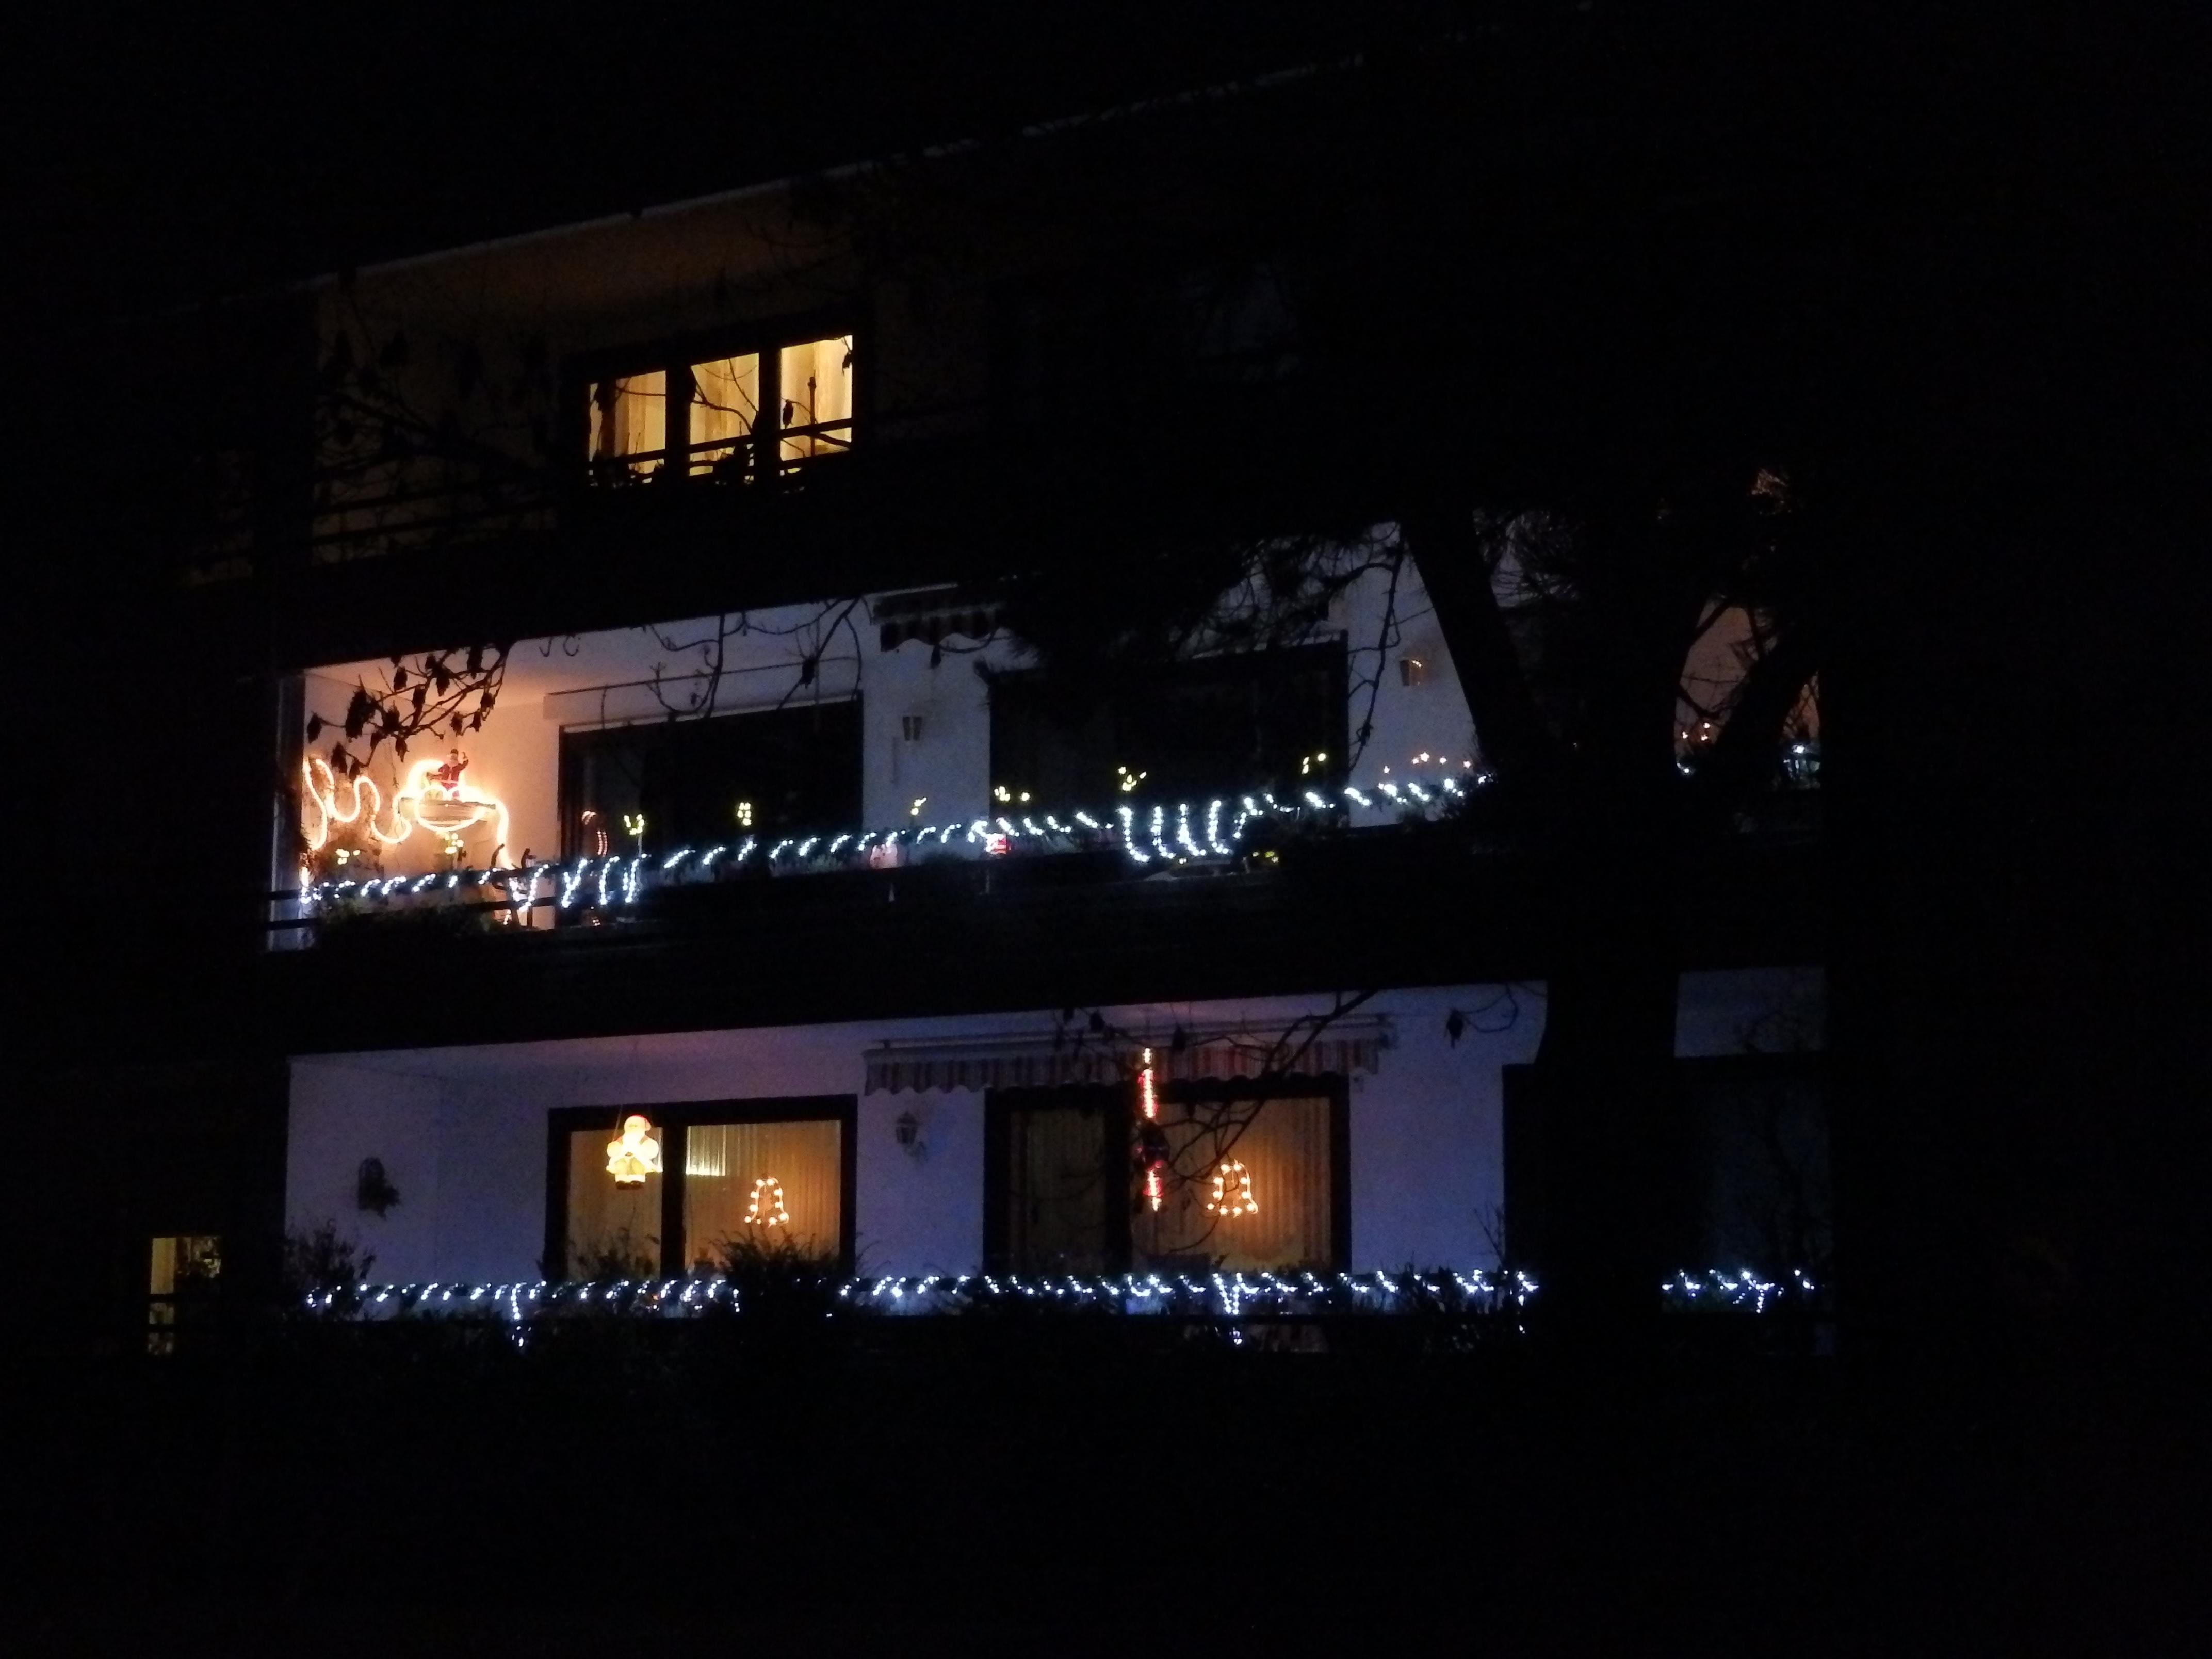 Oelder Anzeiger | Die schönsten Weihnachtsdekorationen in Oelde